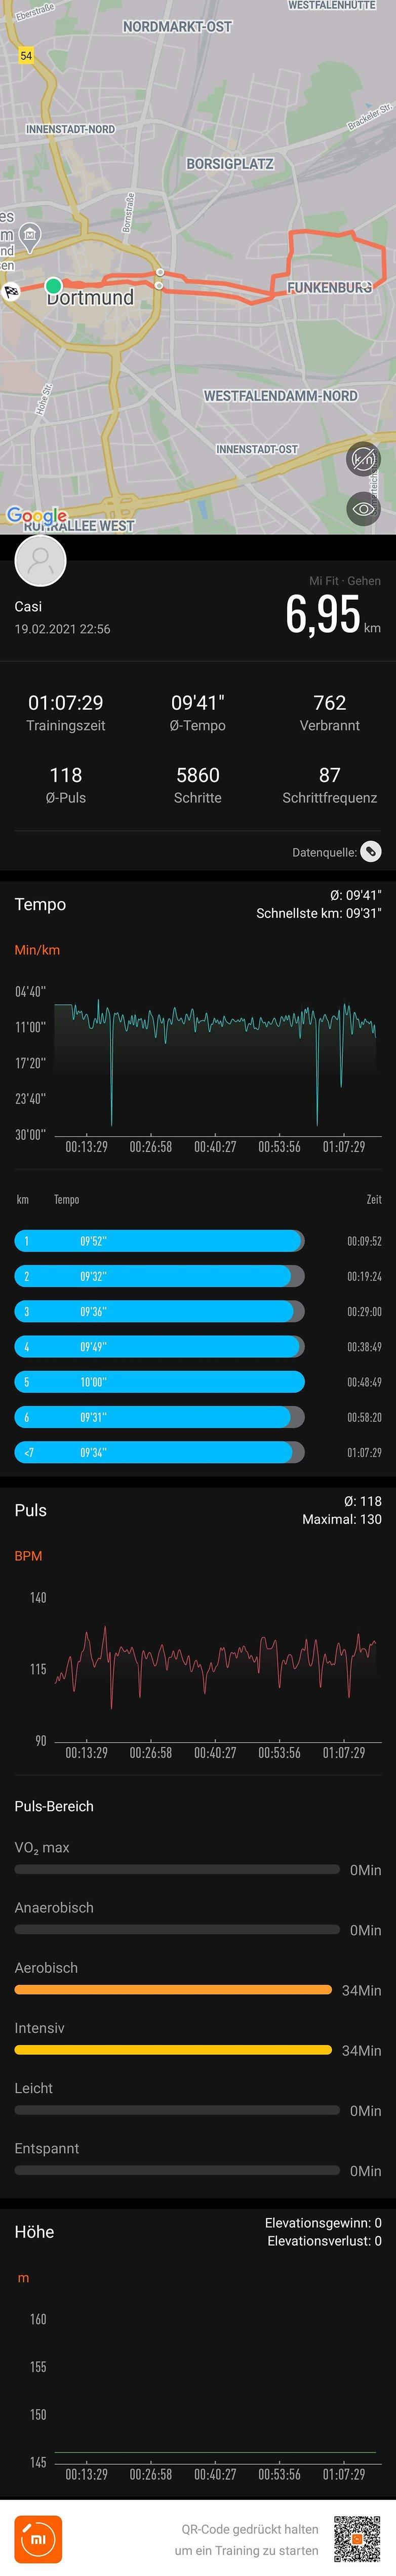 Xiaomi Mi Fit Latschen